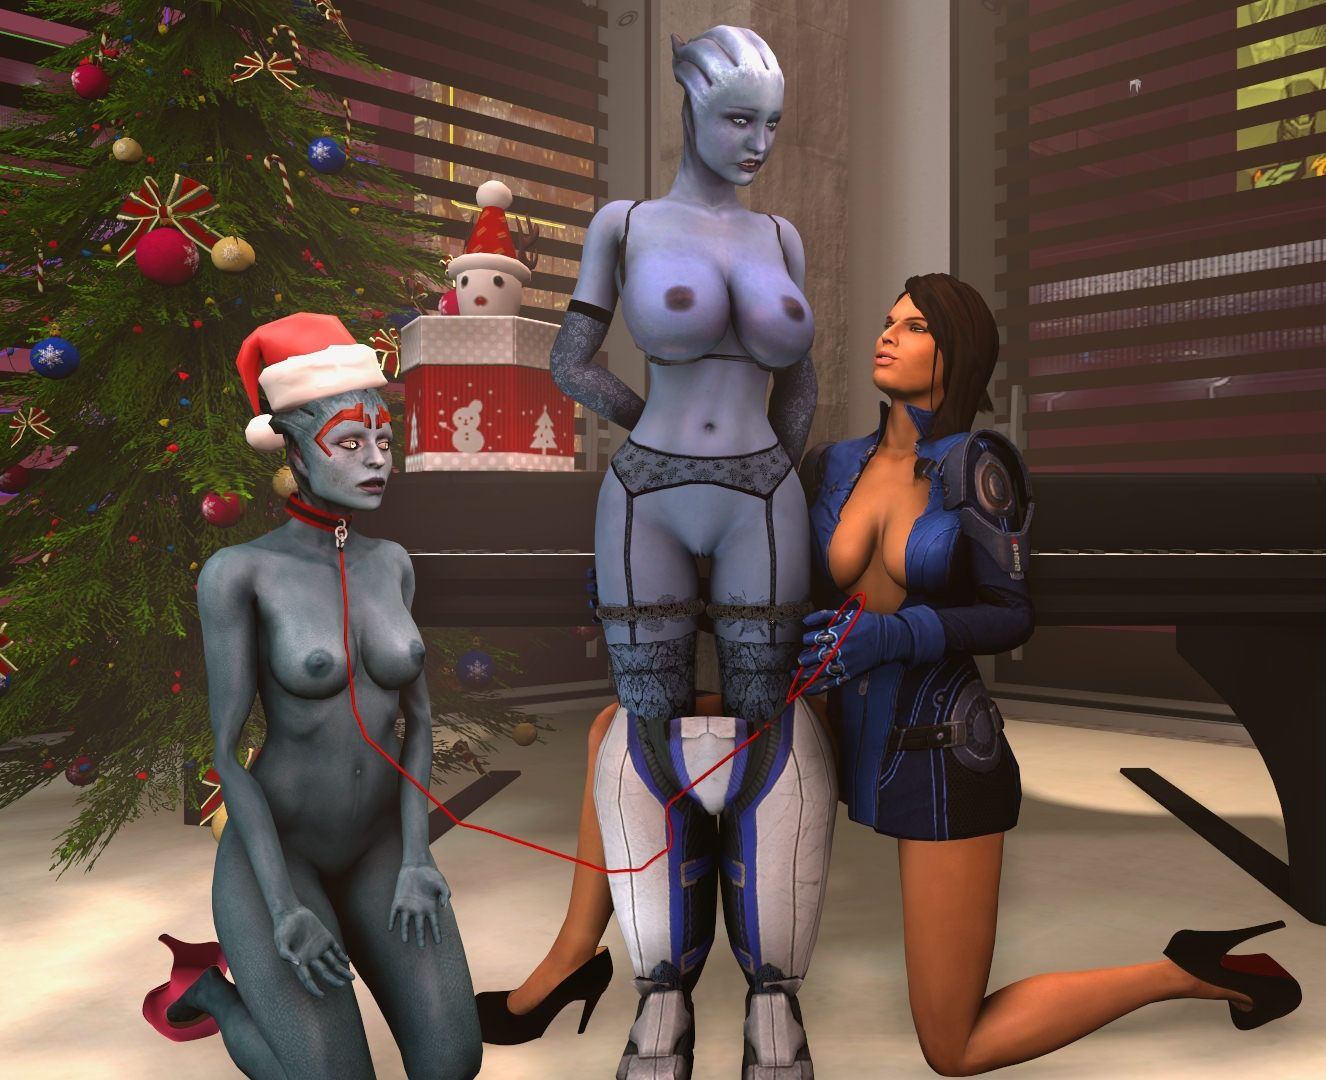 Liara_X-Mass_Gifts!_Ladychi_(Mass_Effect) comix_57847.jpg